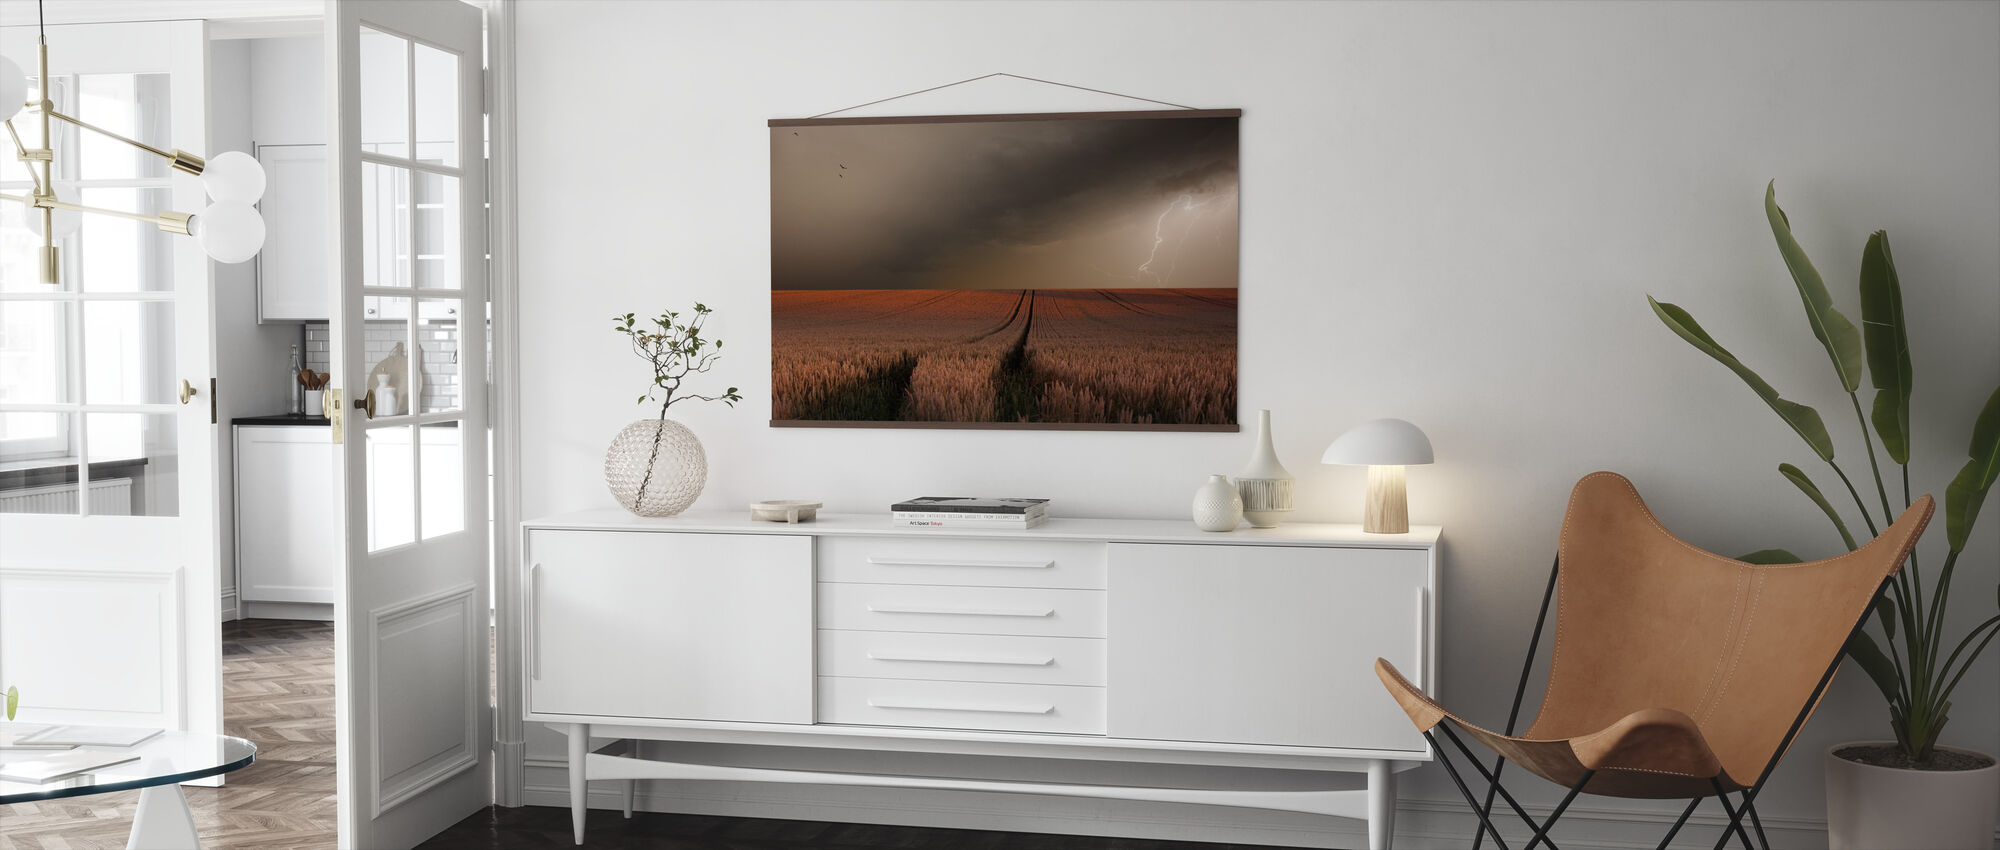 Lightning Field - Poster - Living Room